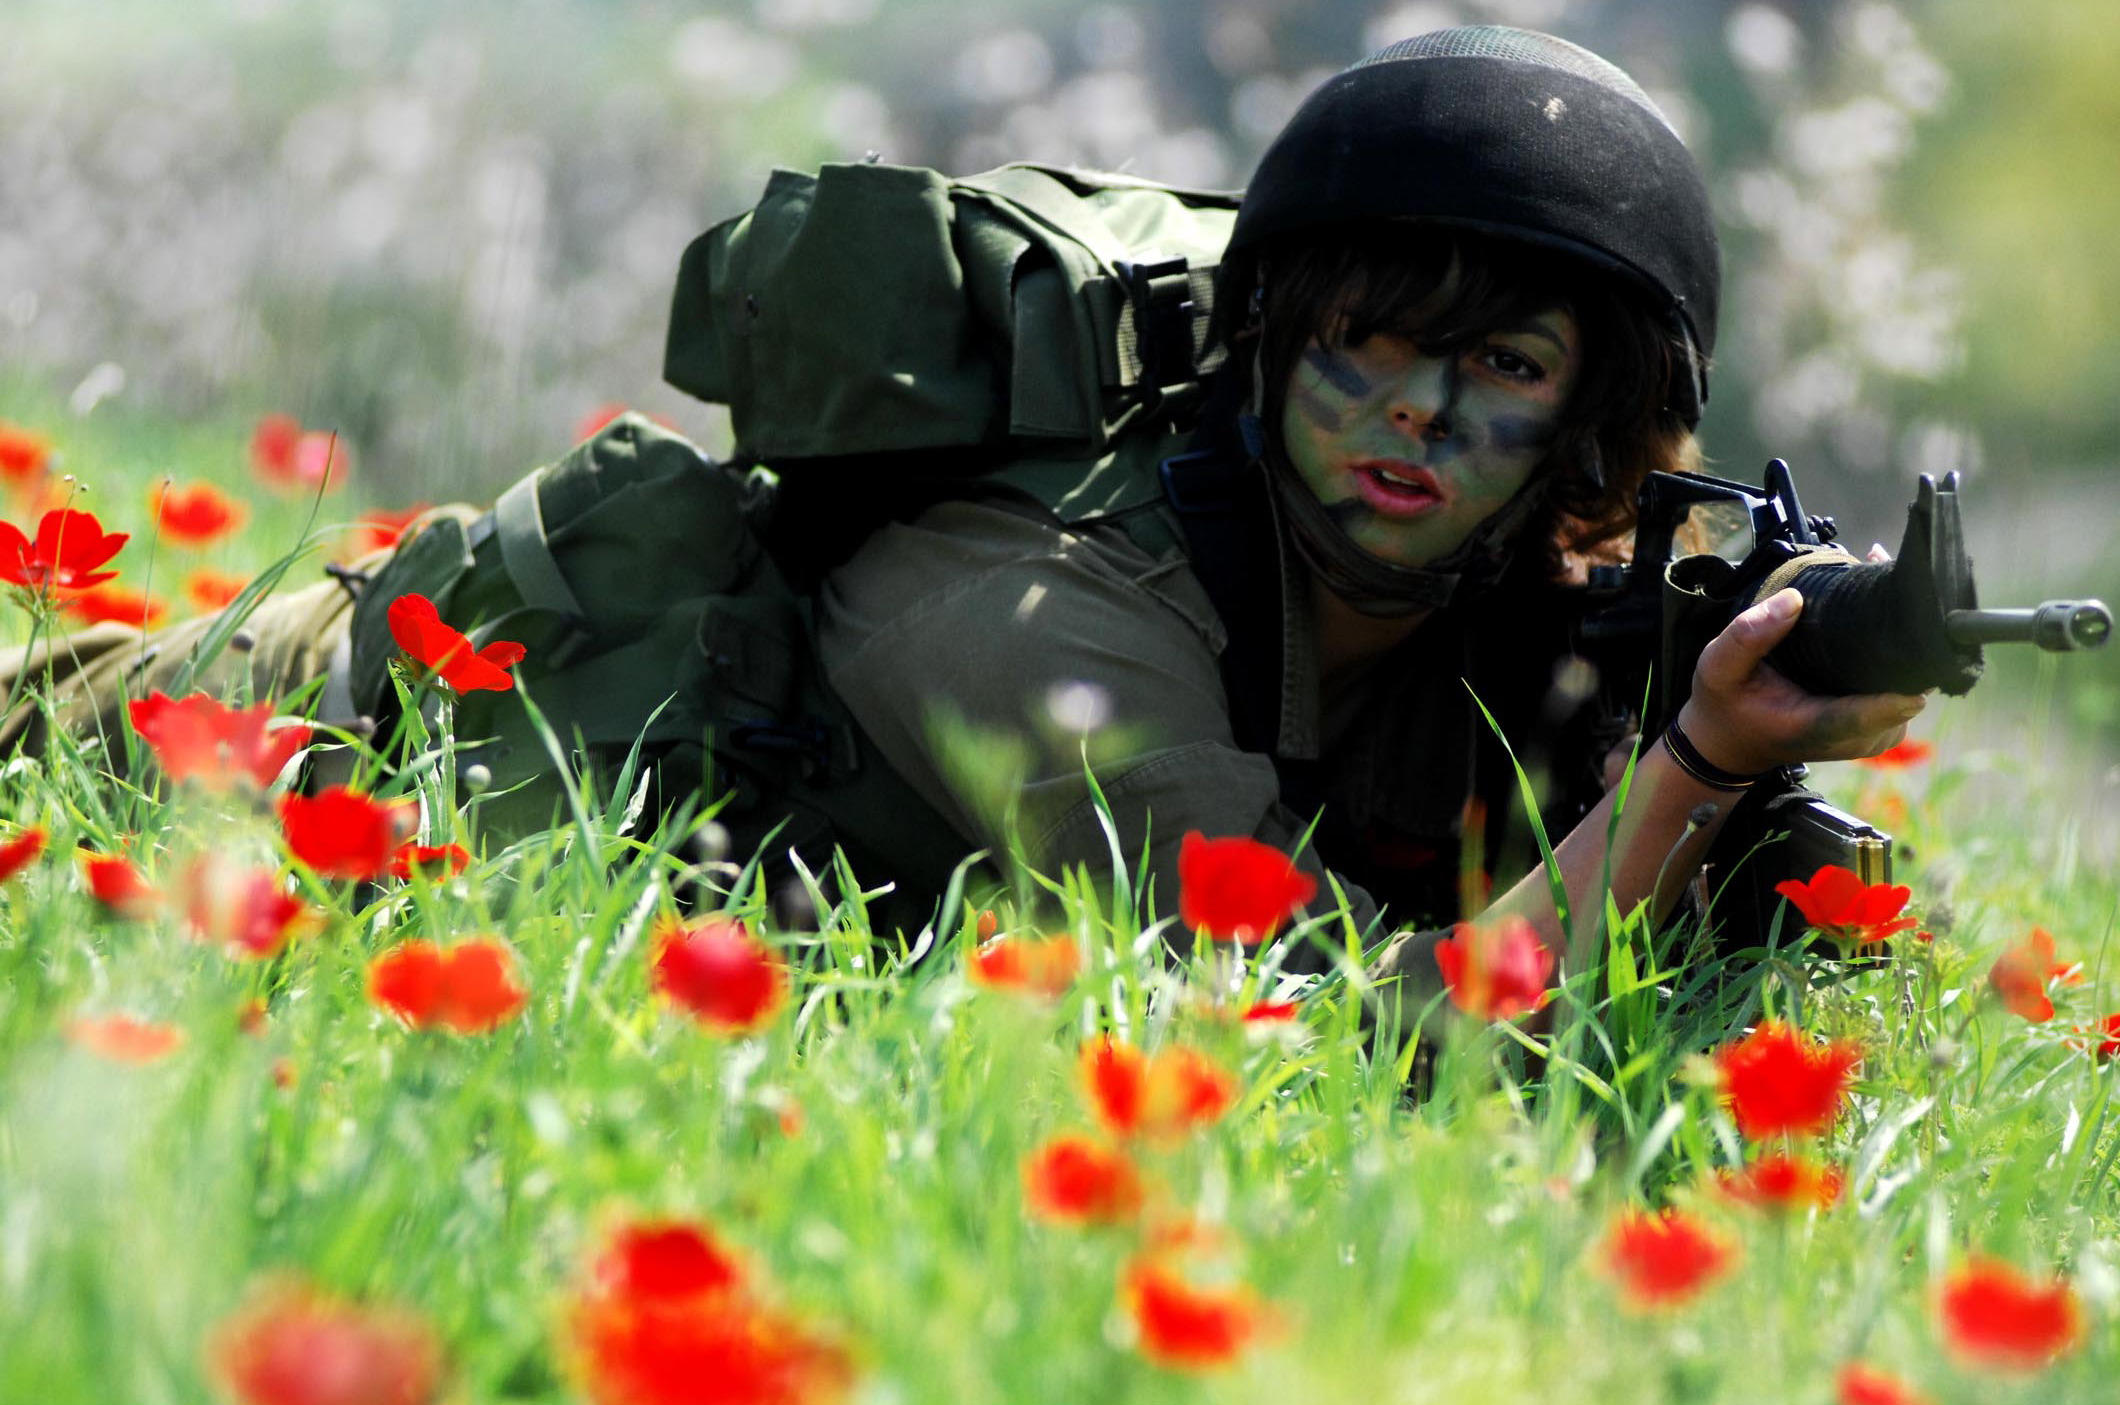 Female Israeli Soldier in a Field of Flowers